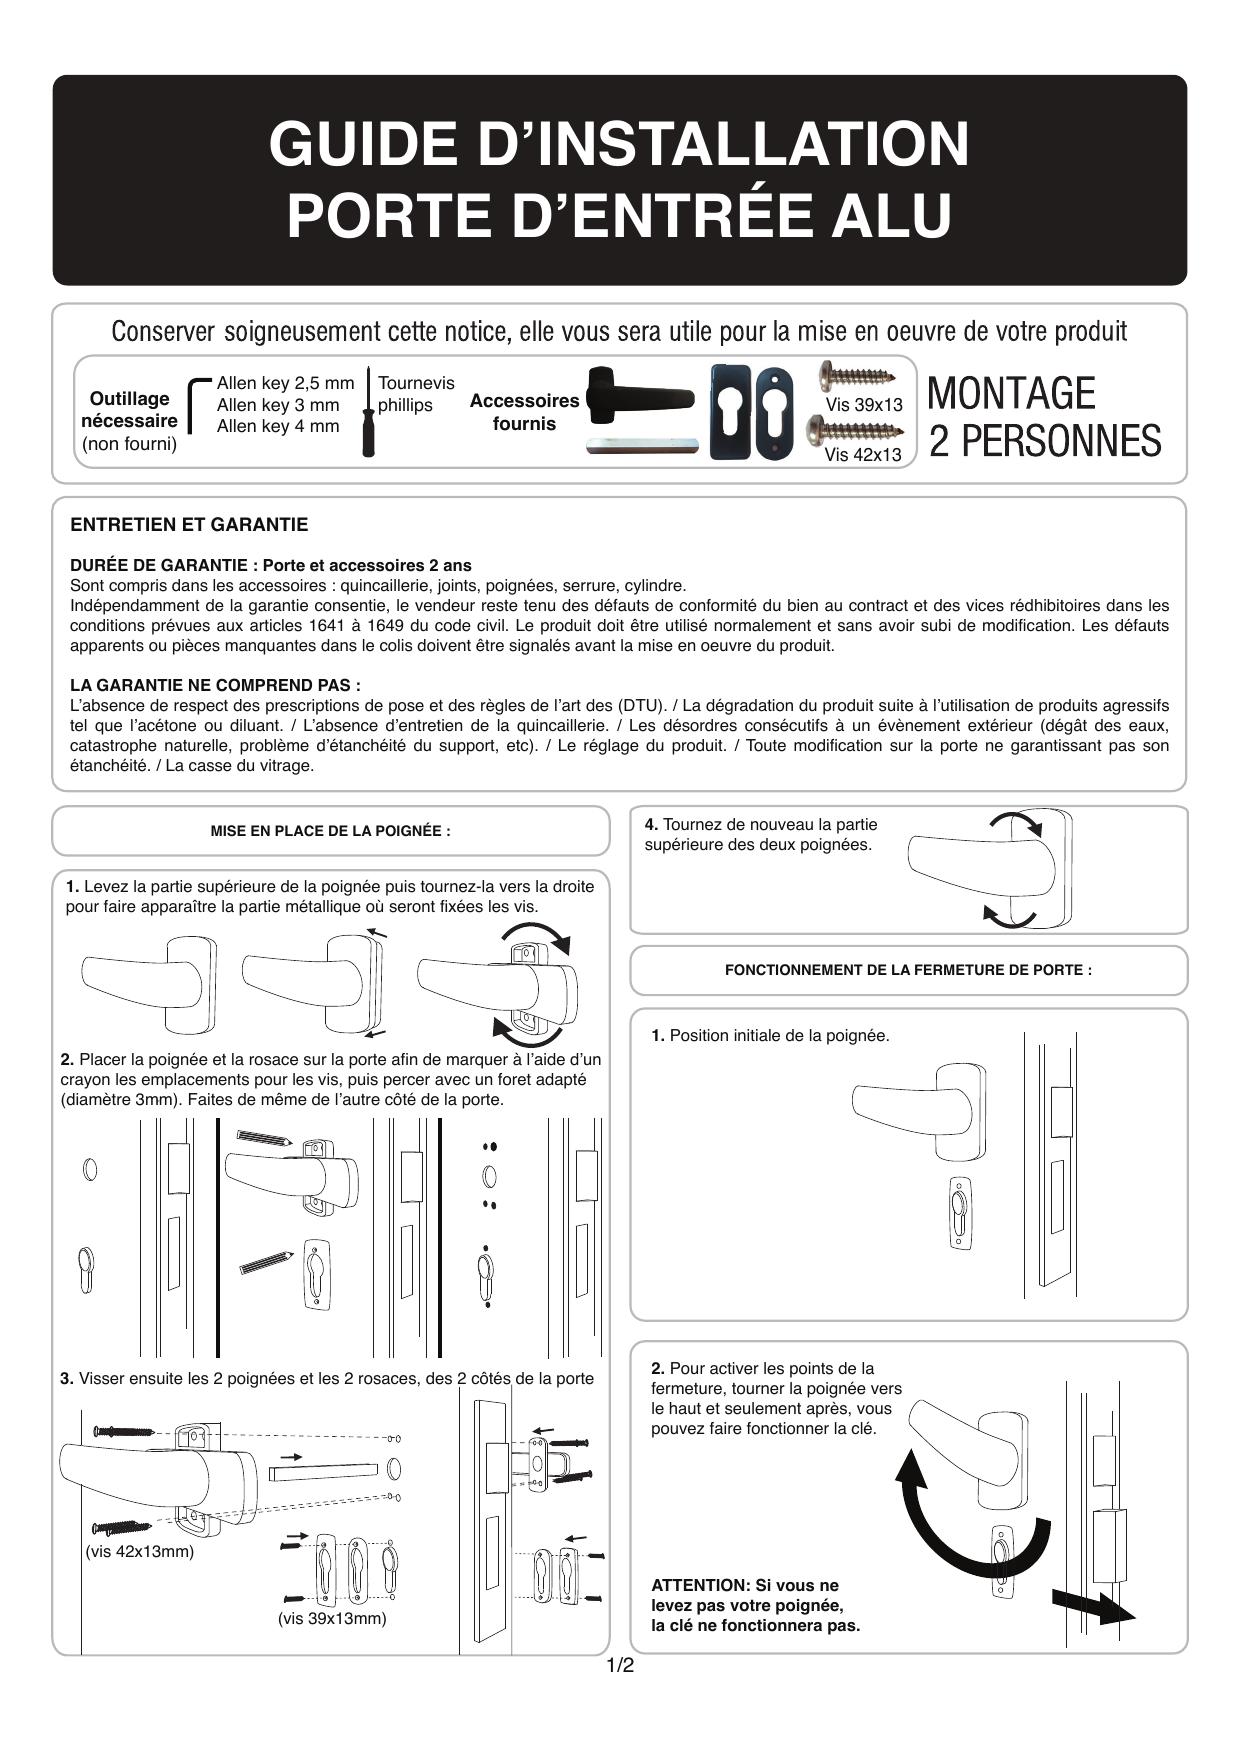 Castorama Porte D Entree Alu Jorasses 215 X 90 Cm Poussant Gauche Mode D Emploi Manualzz